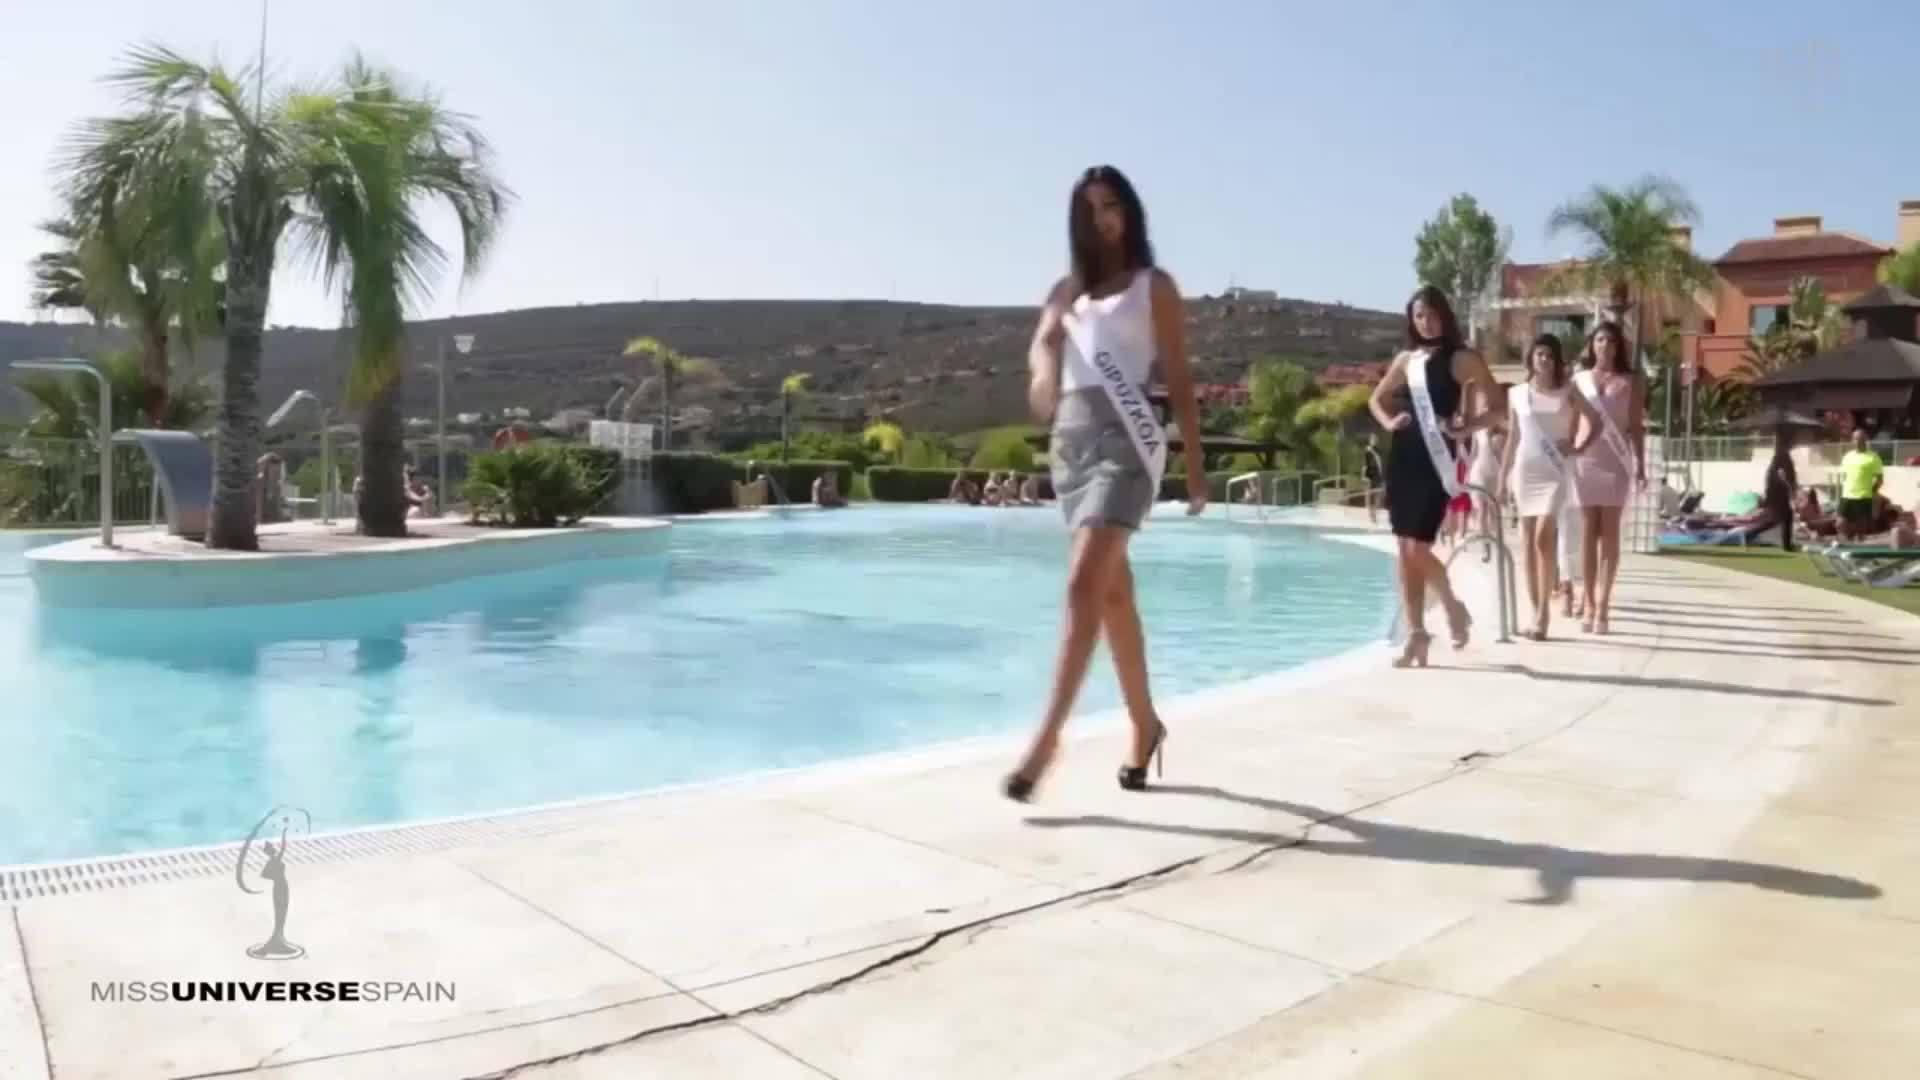 美丽的环球小姐泳池边走秀遇尴尬……